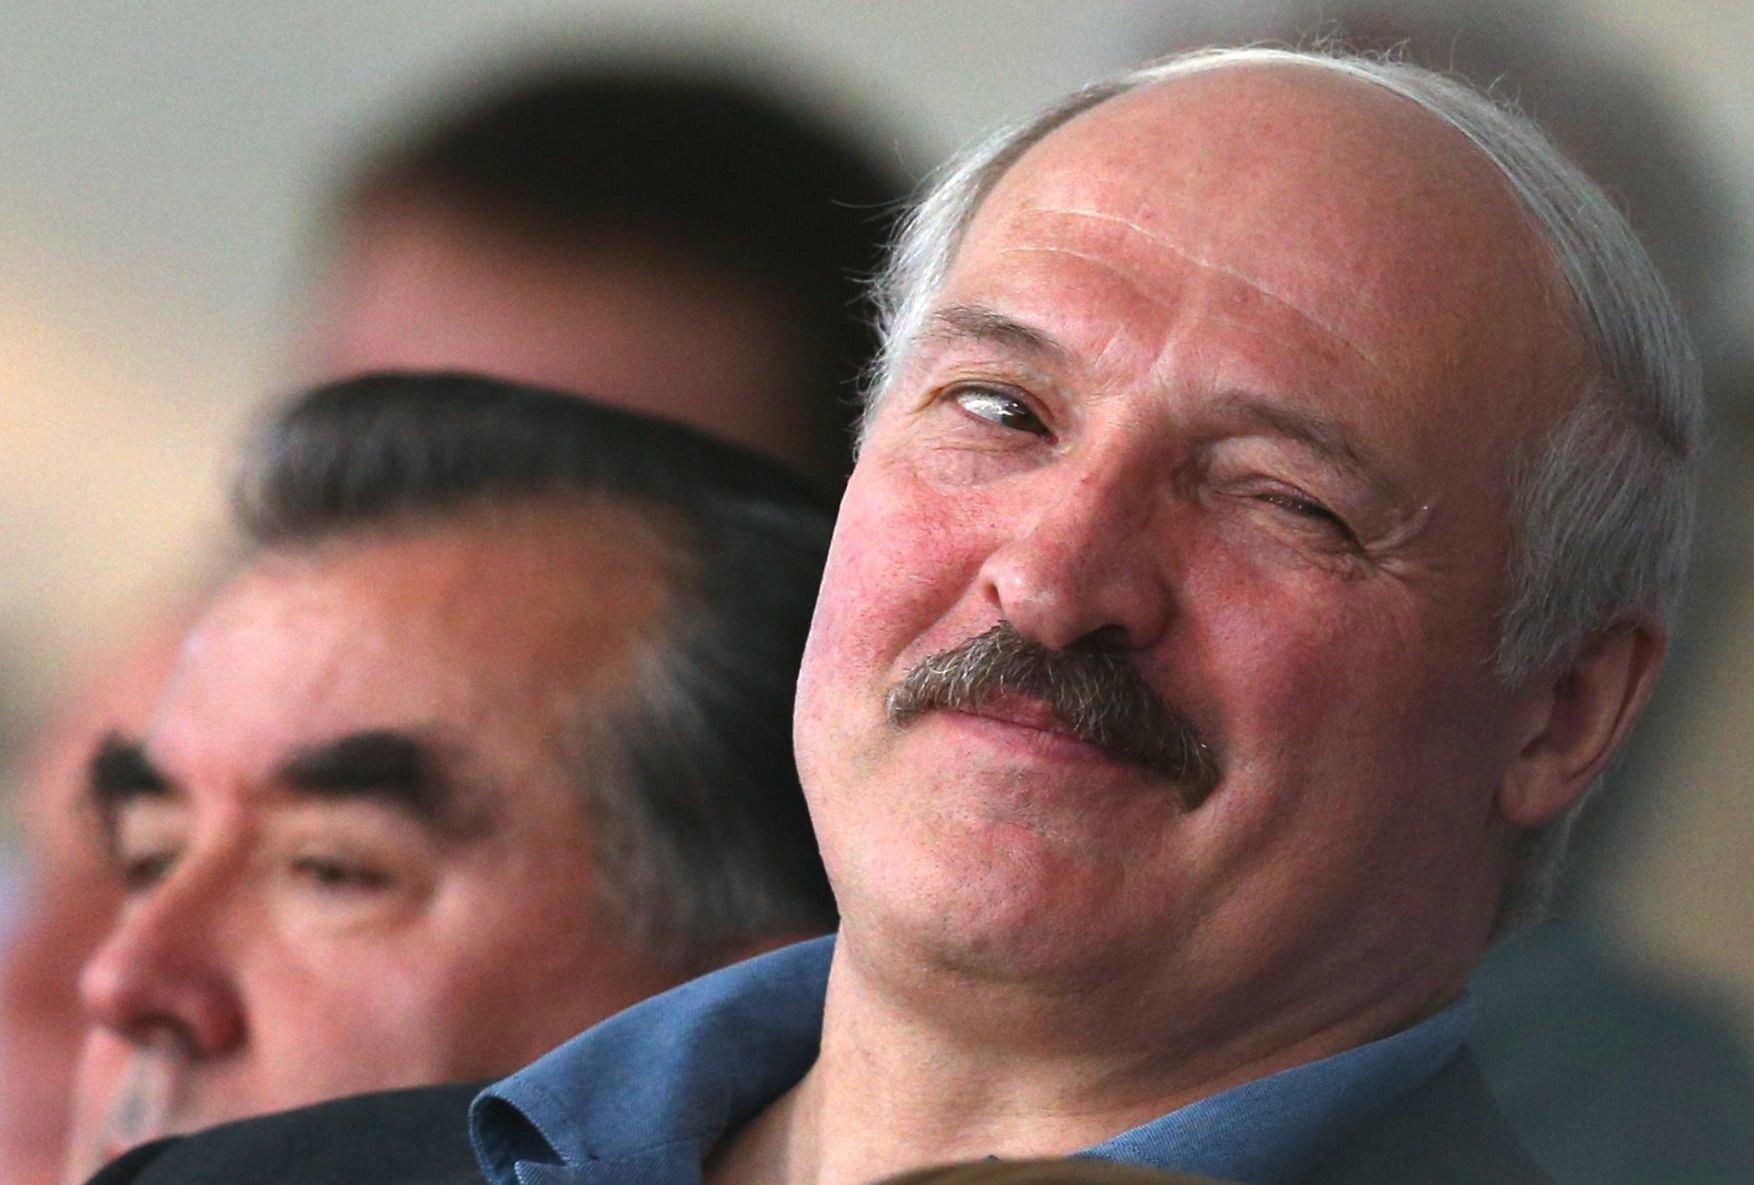 Лукашенко смешные картинки фото, февраля открытках